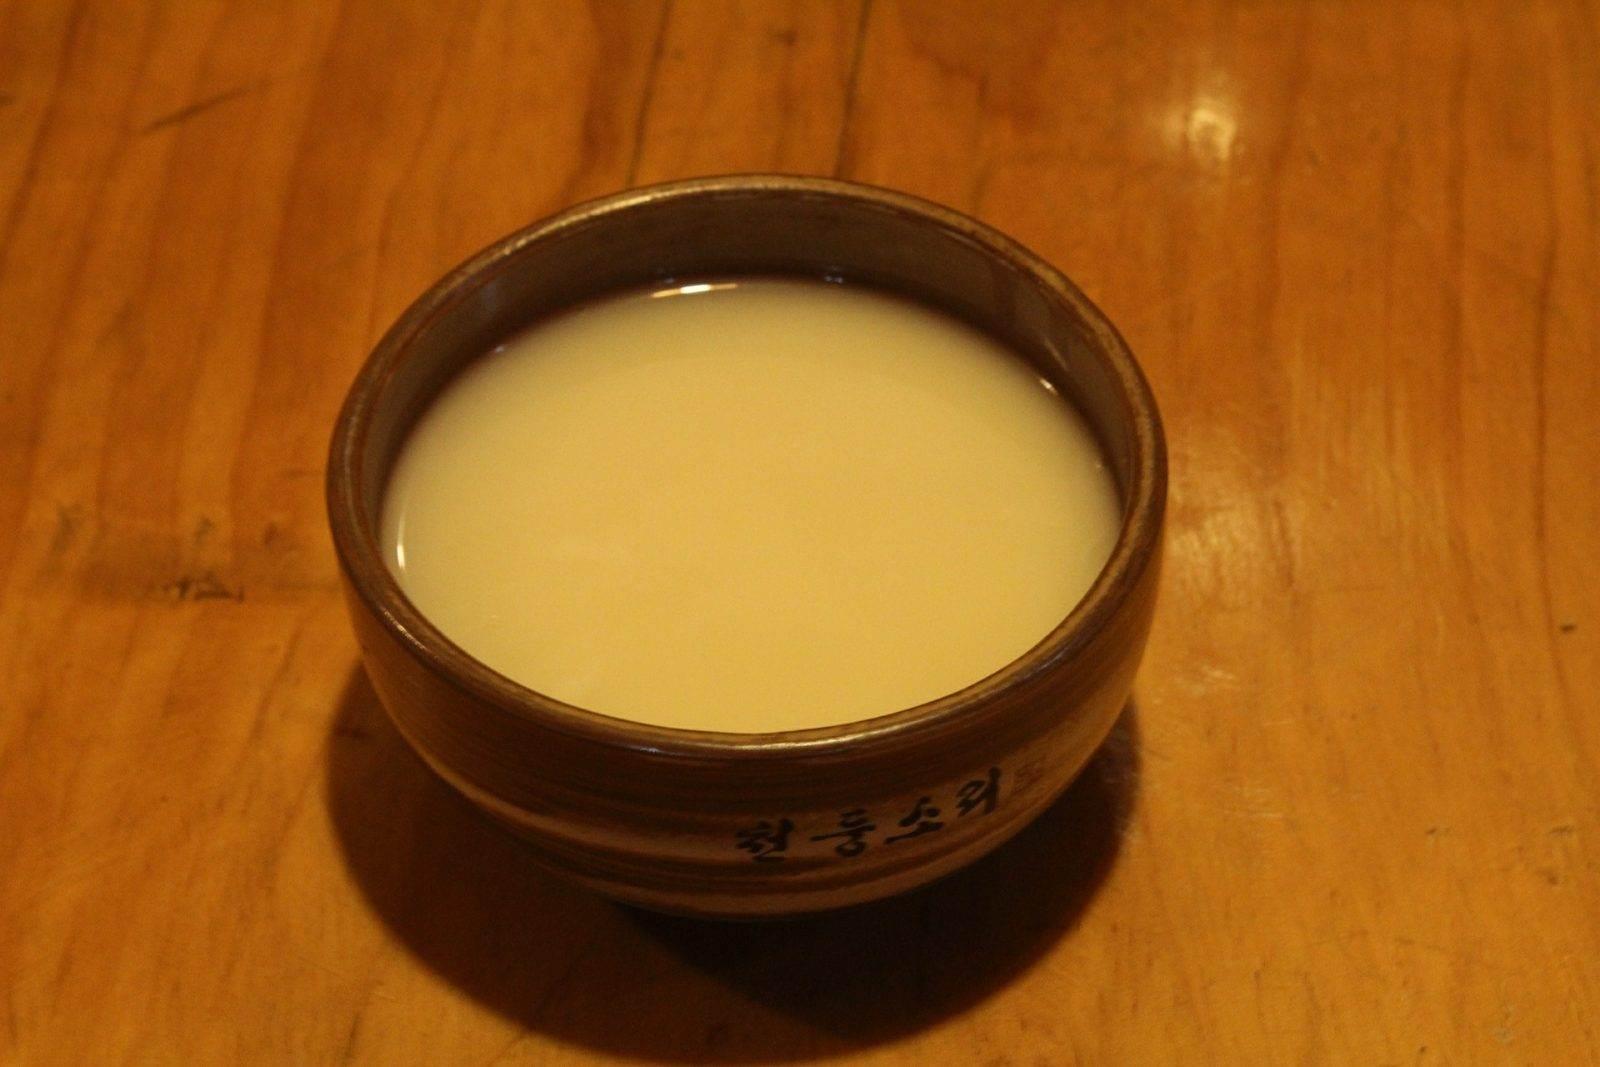 Cuenco tradicional con licor de arroz